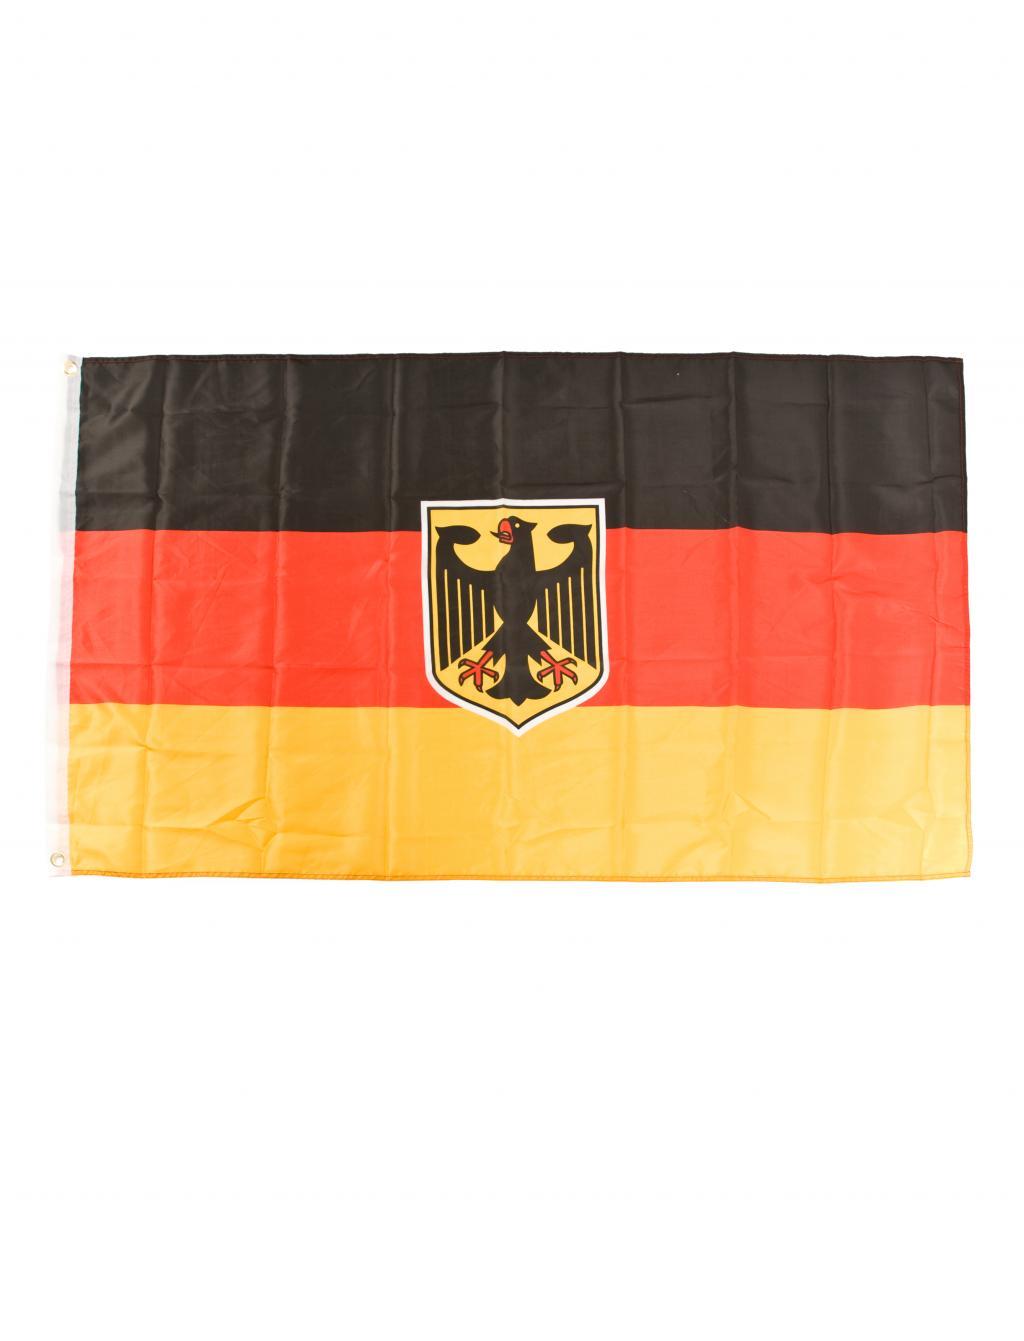 Flagge Deutschland mit Adler 90x60cm Farbe: schwarz/rot/gold